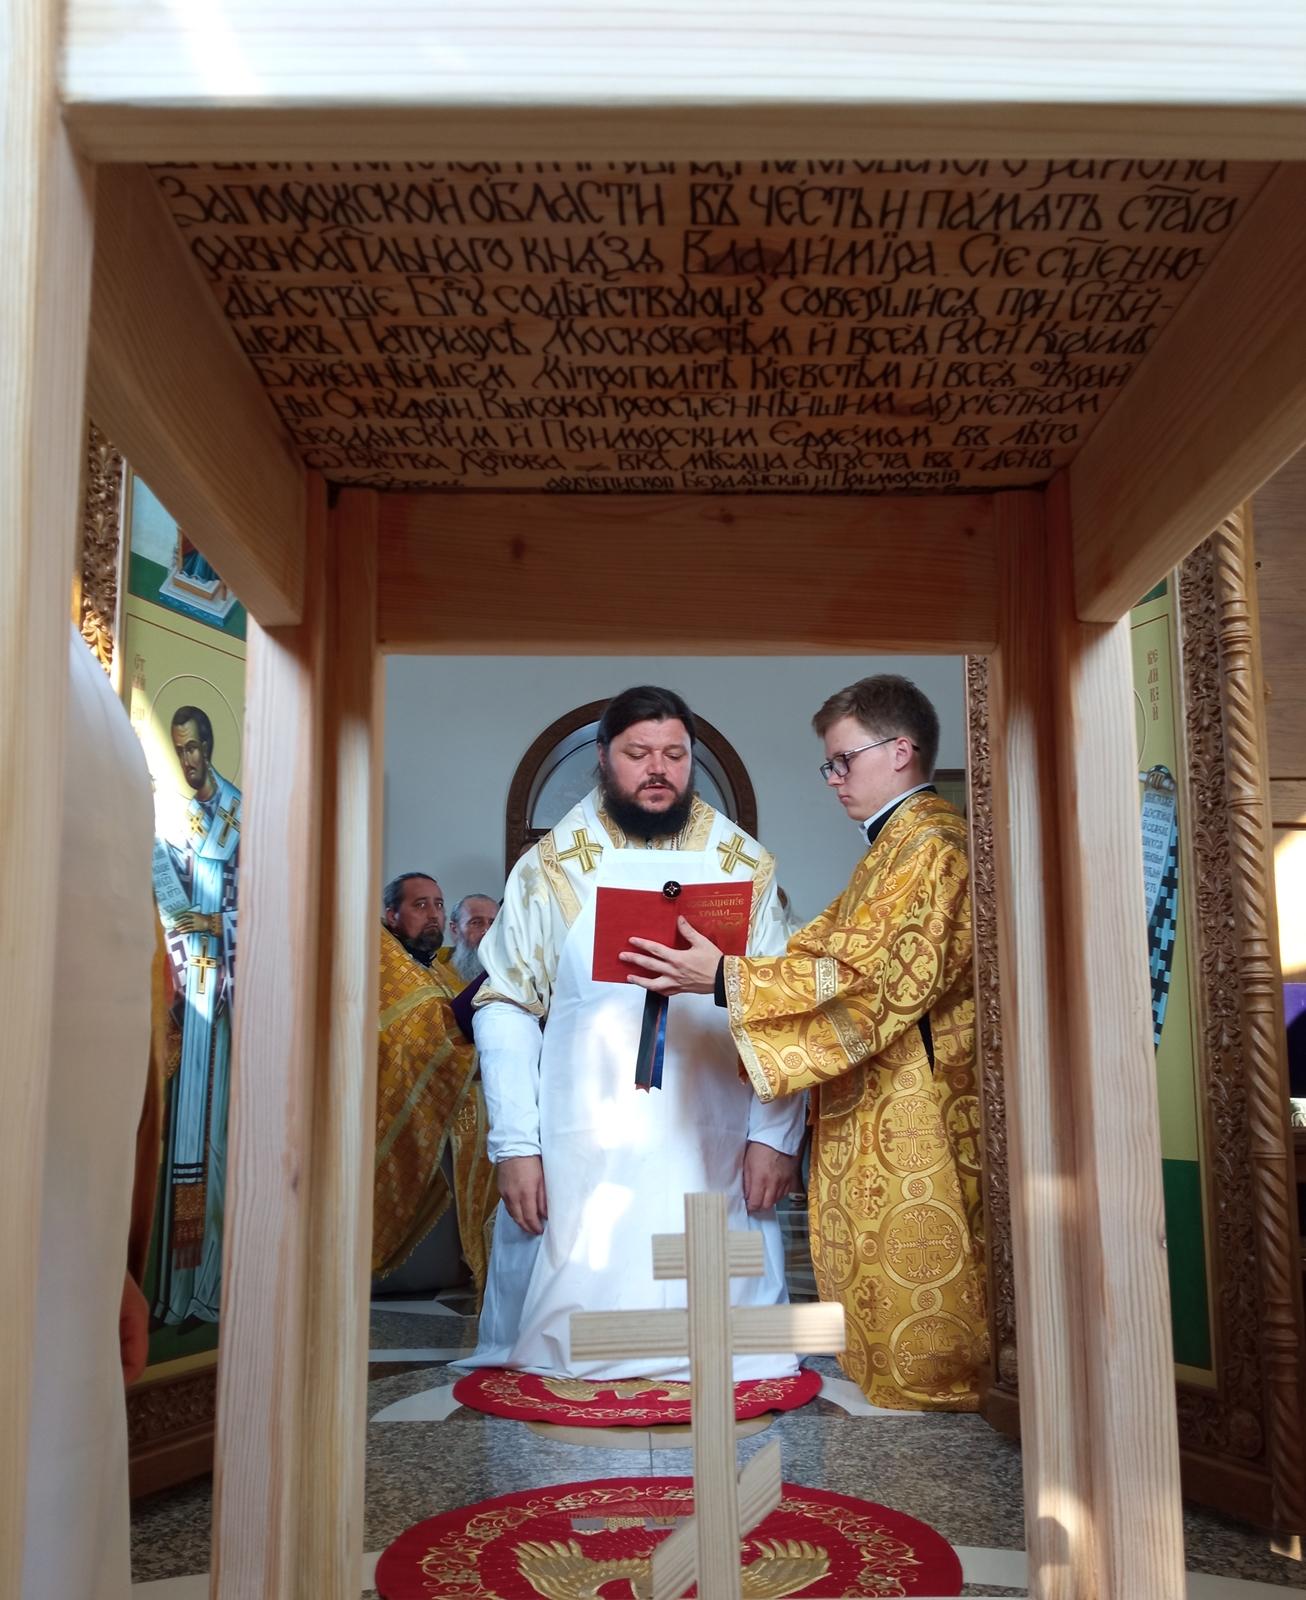 В 1033 год Крещения Руси в Бердянской епархии освящен храм во имя равноапостольного великого князя Владимира